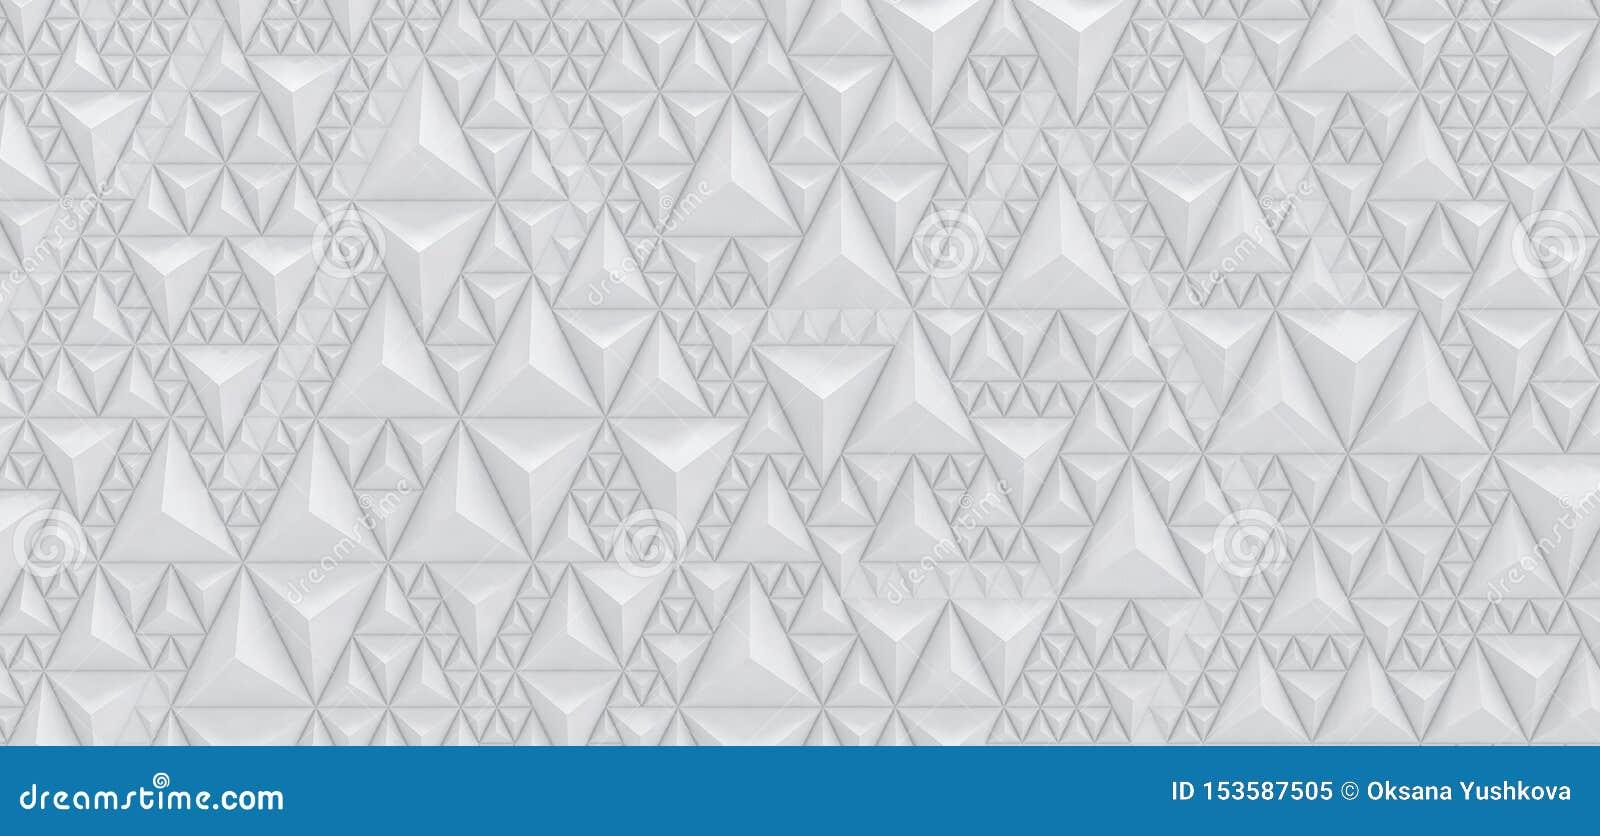 Выбитая белая предпосылка треугольников - иллюстрация 3D